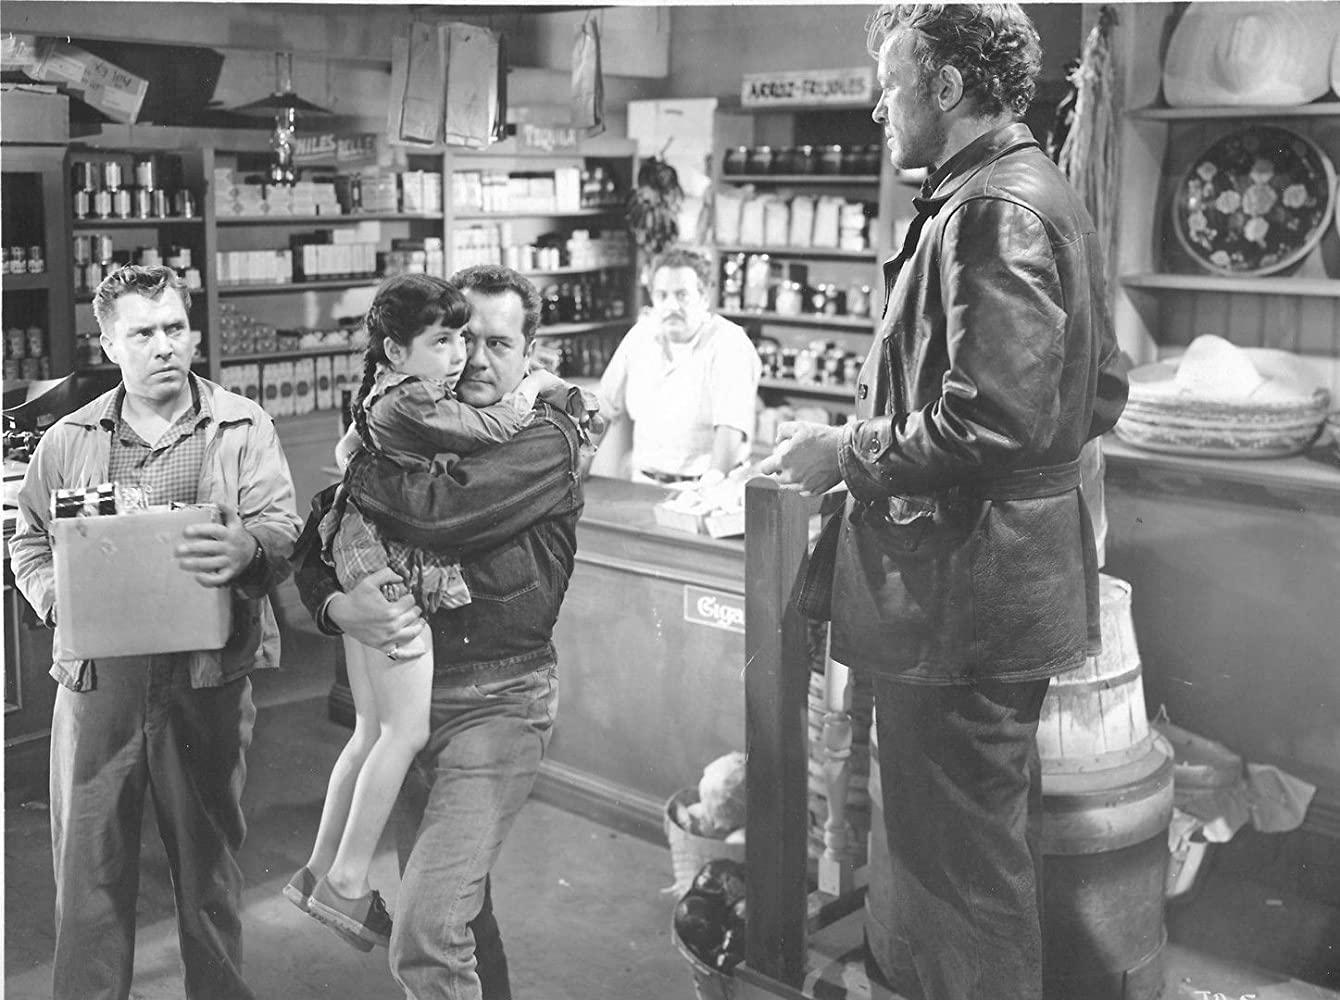 Le Voyage de la Peur (1953)